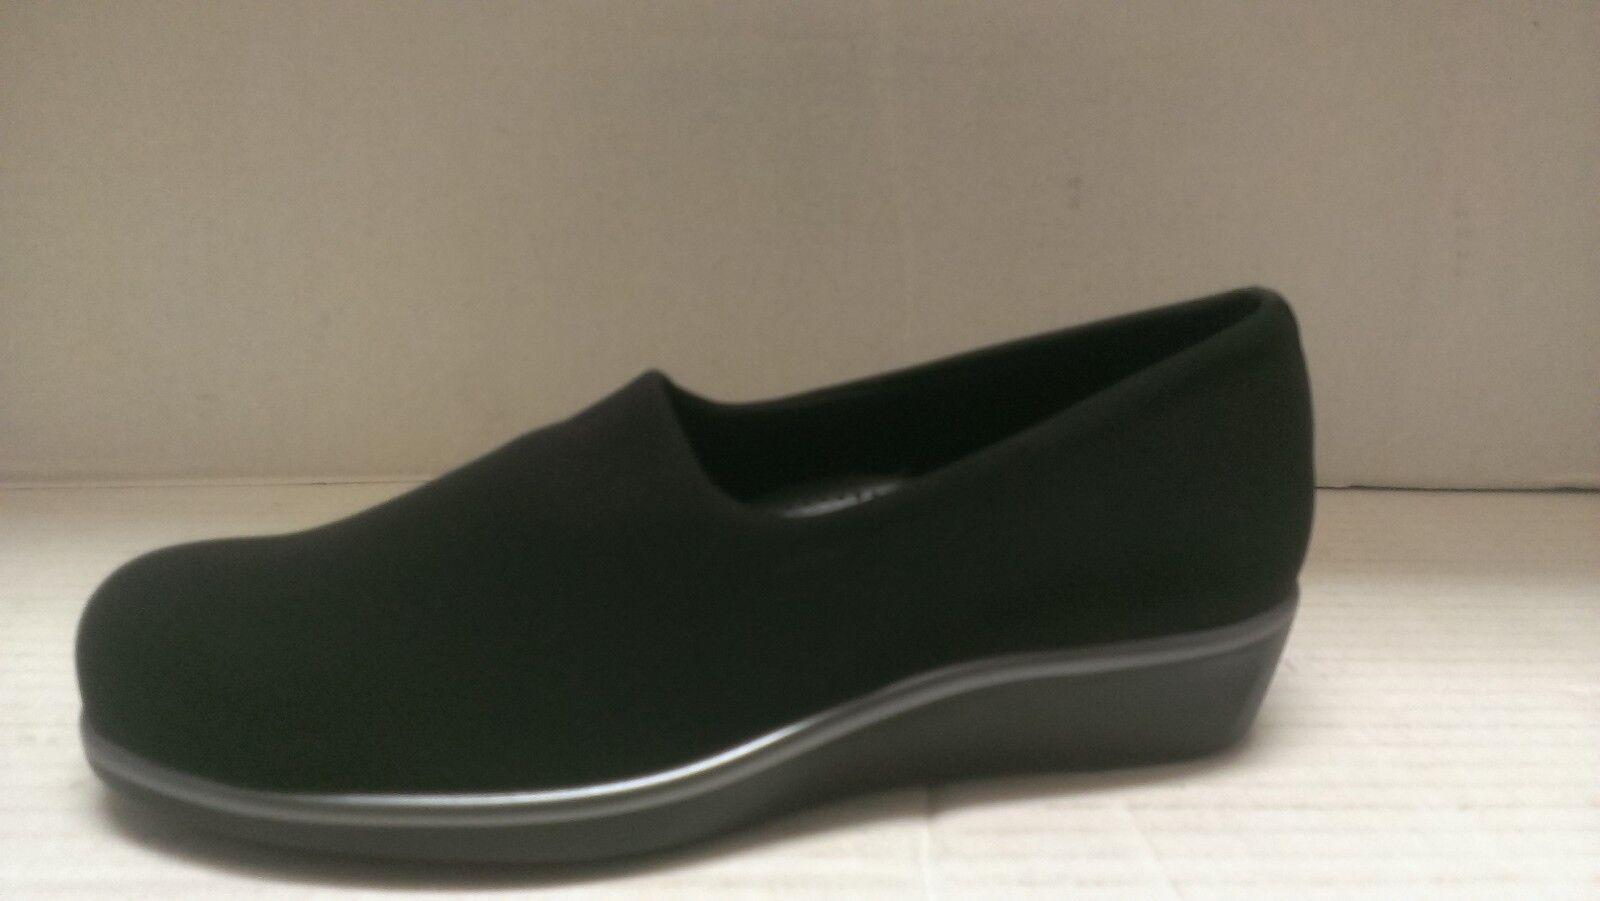 Servicio Aéreo Especial Para Mujer Mujer Mujer Bliss Caminar Calzado Sin Cordones Cómodo, hecho en EE. UU. c04201